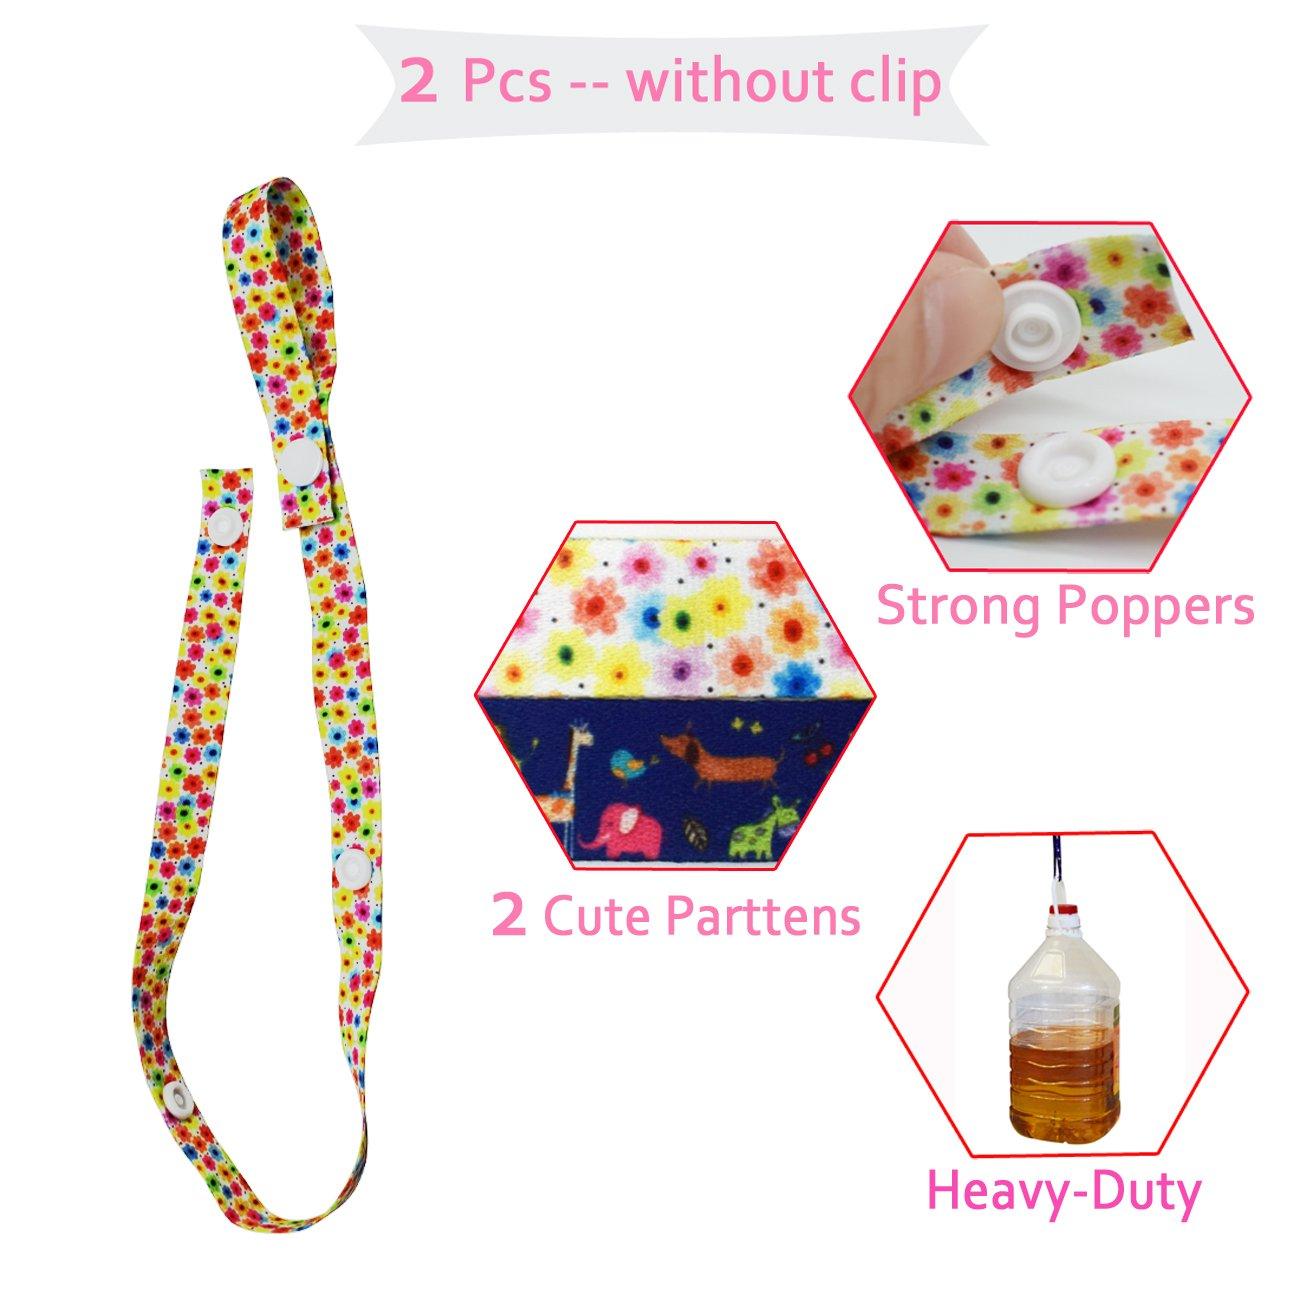 Chupetes De Clip Bebé, 4 Pack Cadenas Para Chupetes Baby Bottle Strap Nuevo Sippy Pal Anti Drop Baby Toys Clip Suspension, Hecha De Materia Segura, ...